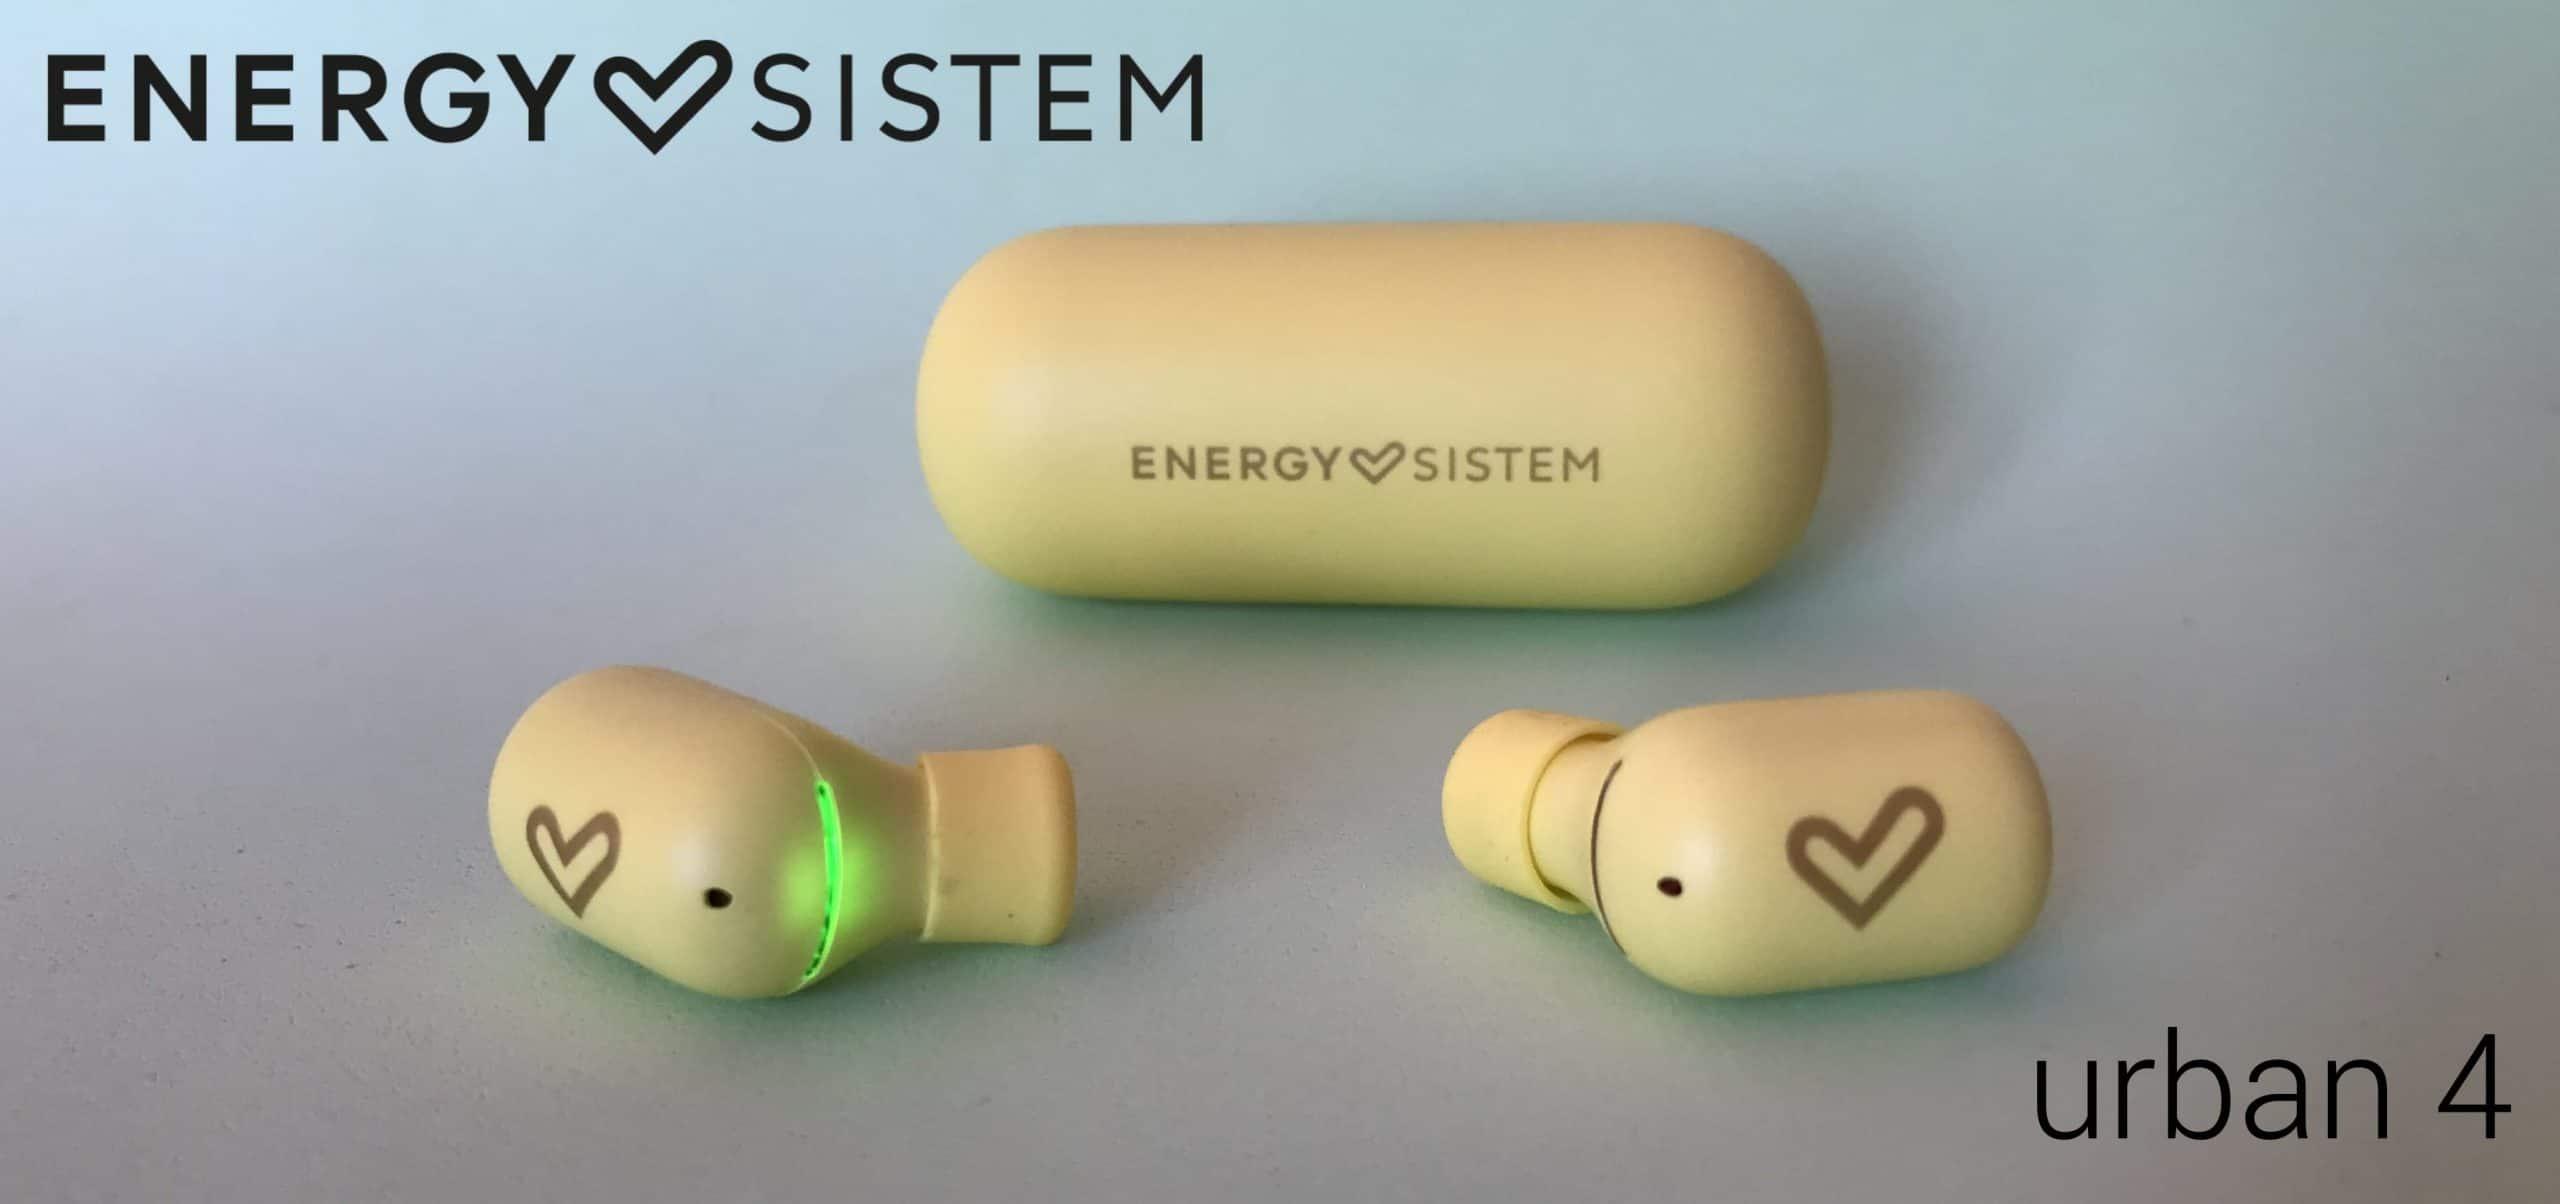 Energy Sistem Urban 4